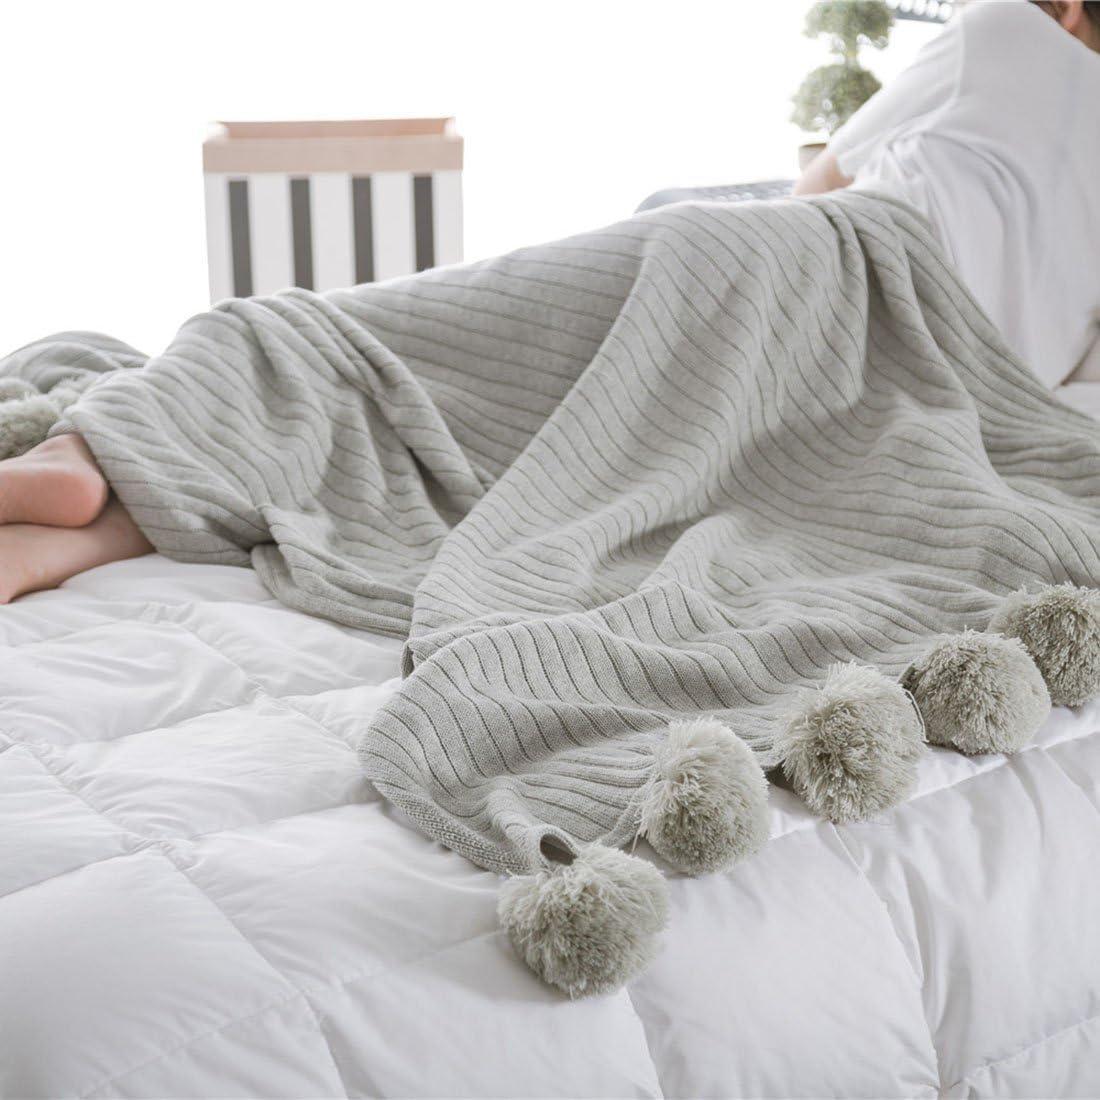 Blanketswarm - Manta de punto, 100% algodón, suave, con flecos, hipoalergénico, a rayas, de 90 x 90 cm, algodón, gris, 90 x 90 cm